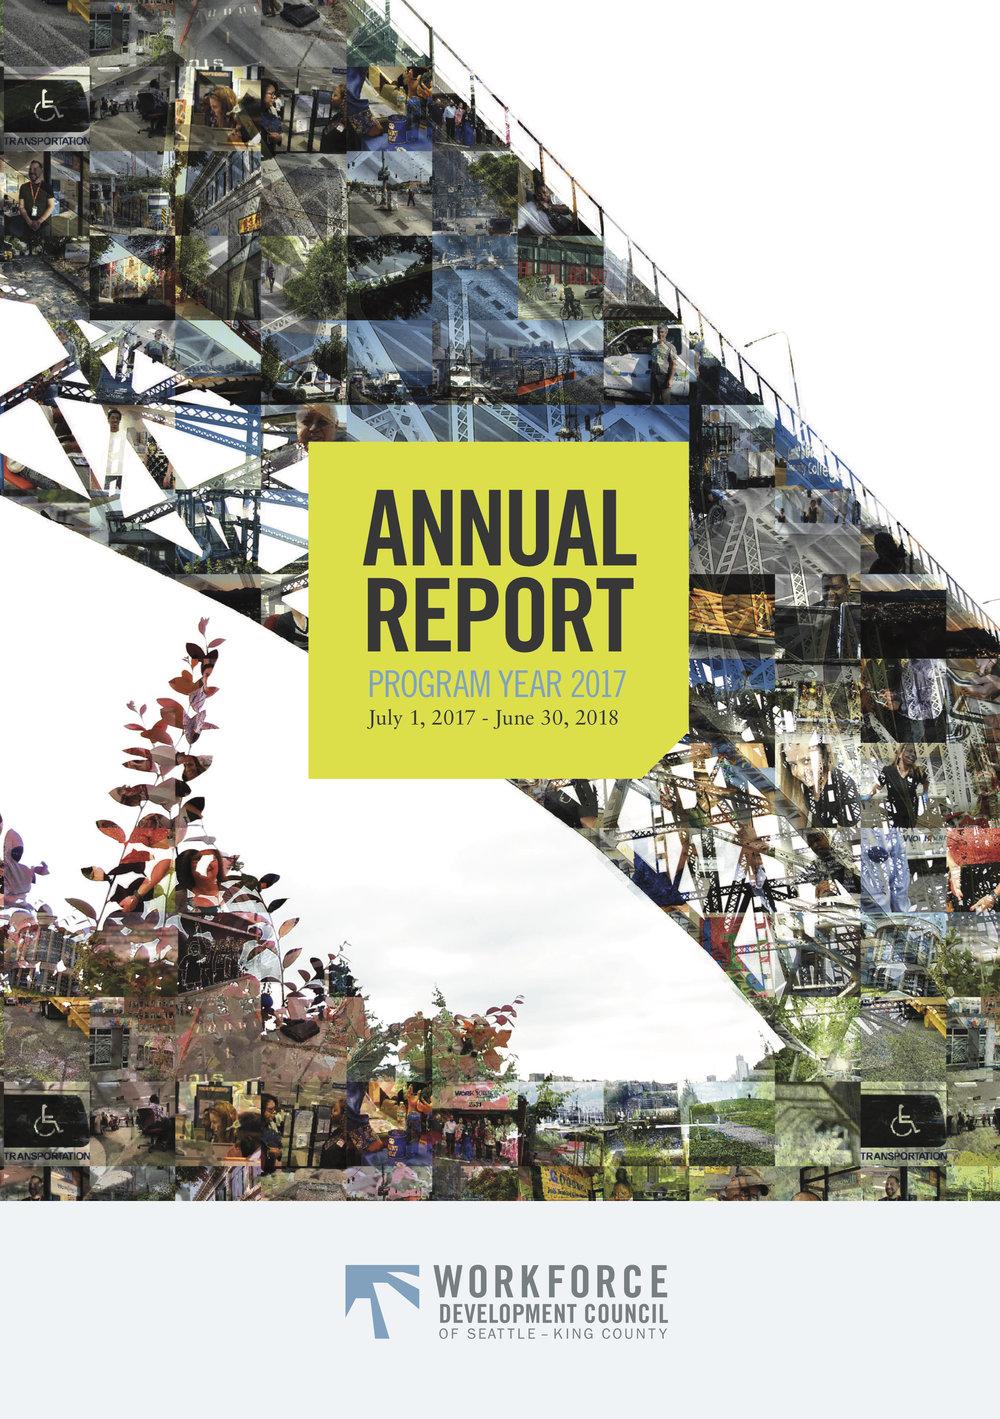 AnnualReport17-Cover.jpg